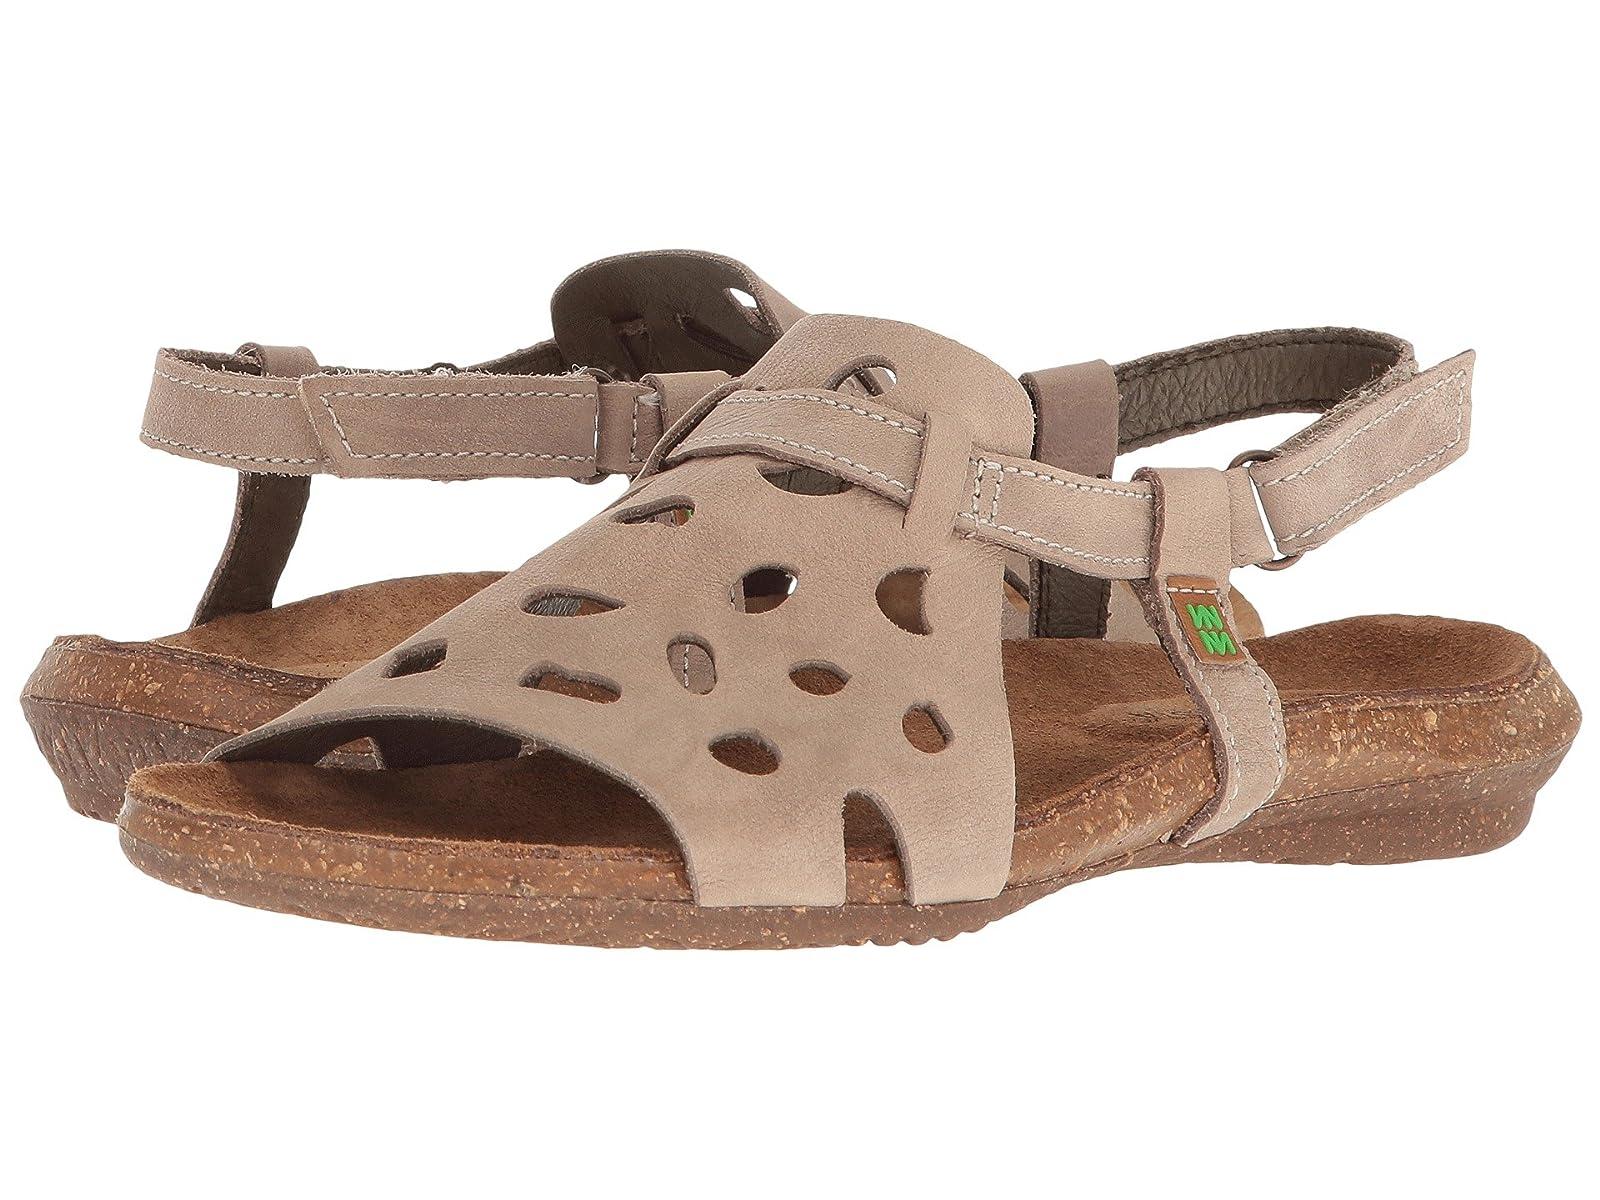 El Naturalista Wakataua N5064Atmospheric grades have affordable shoes